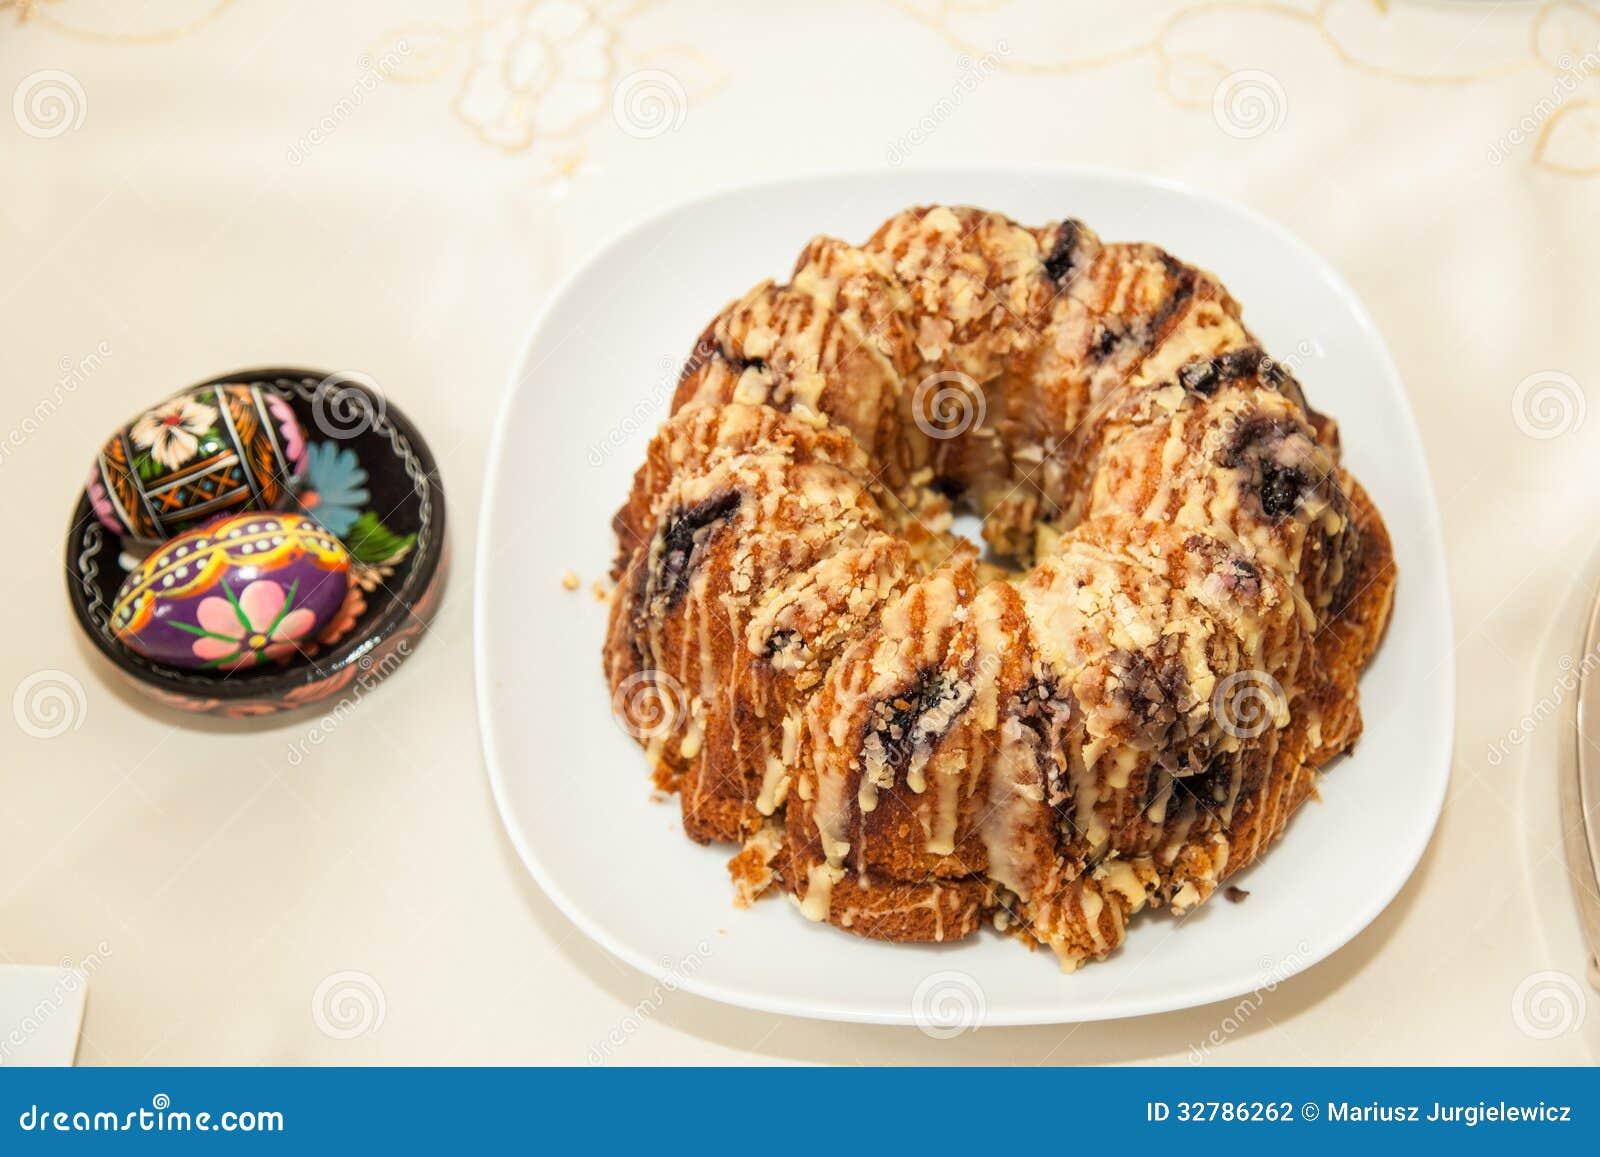 Ukraine Babka Cake